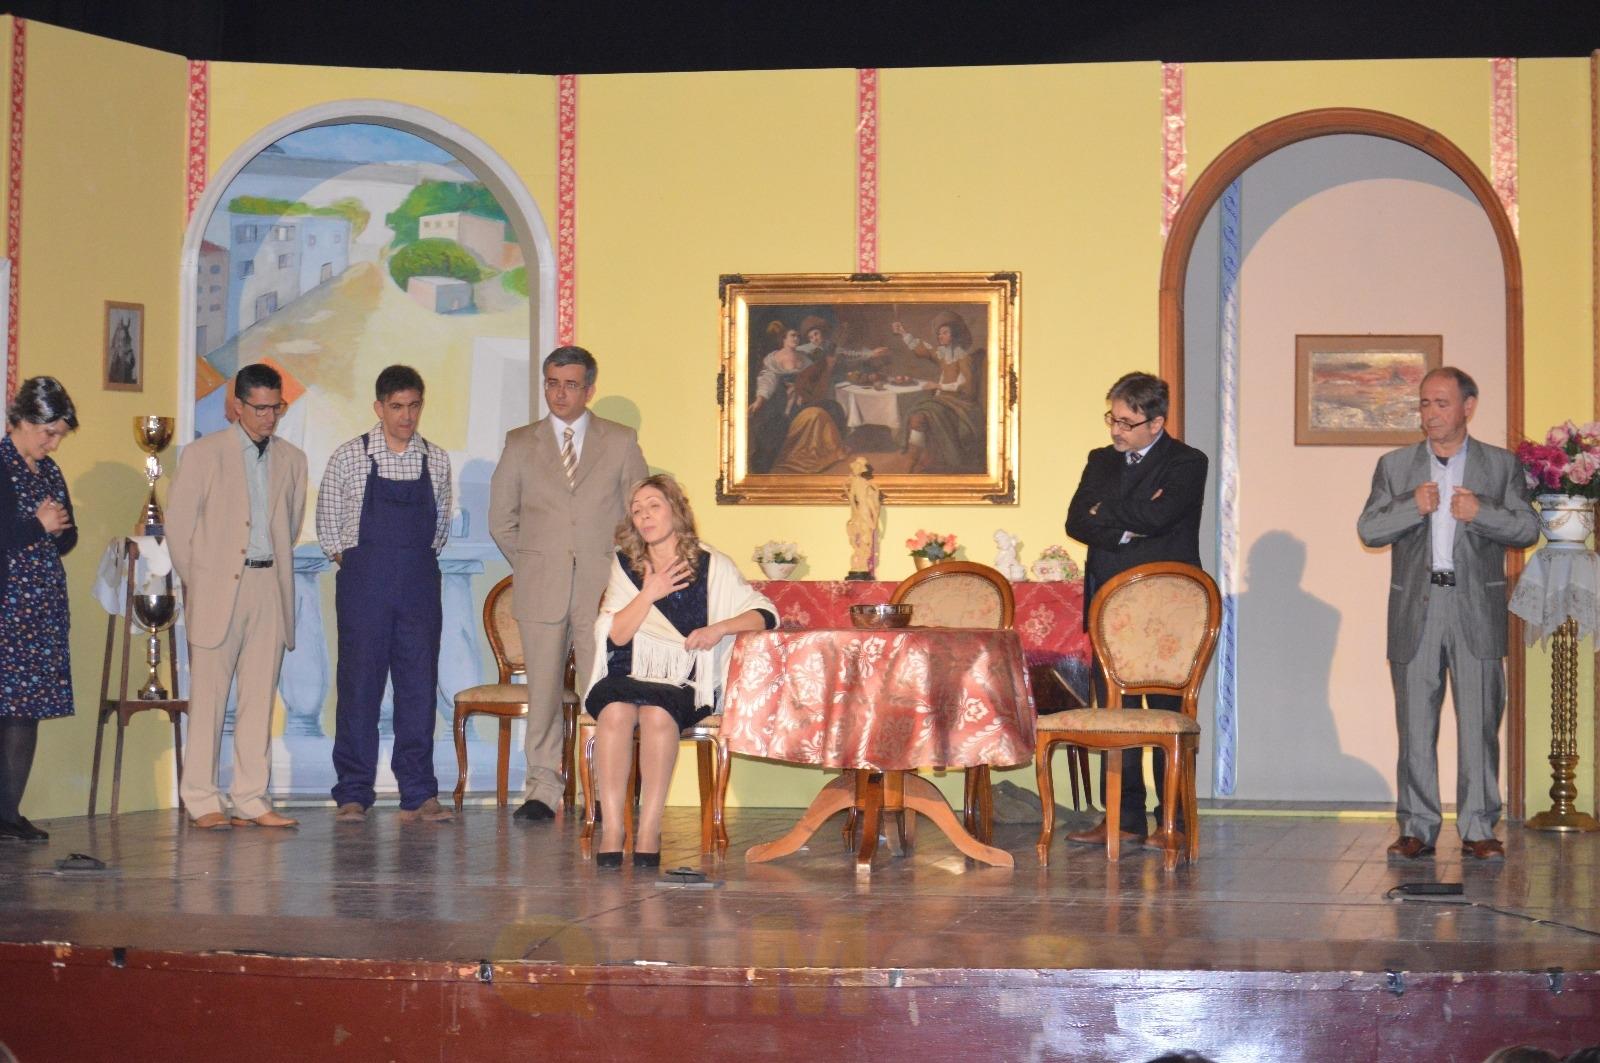 Un successo senza fine la Filumena Marturano della Compagnia Nuovo Teatro di Mesagne